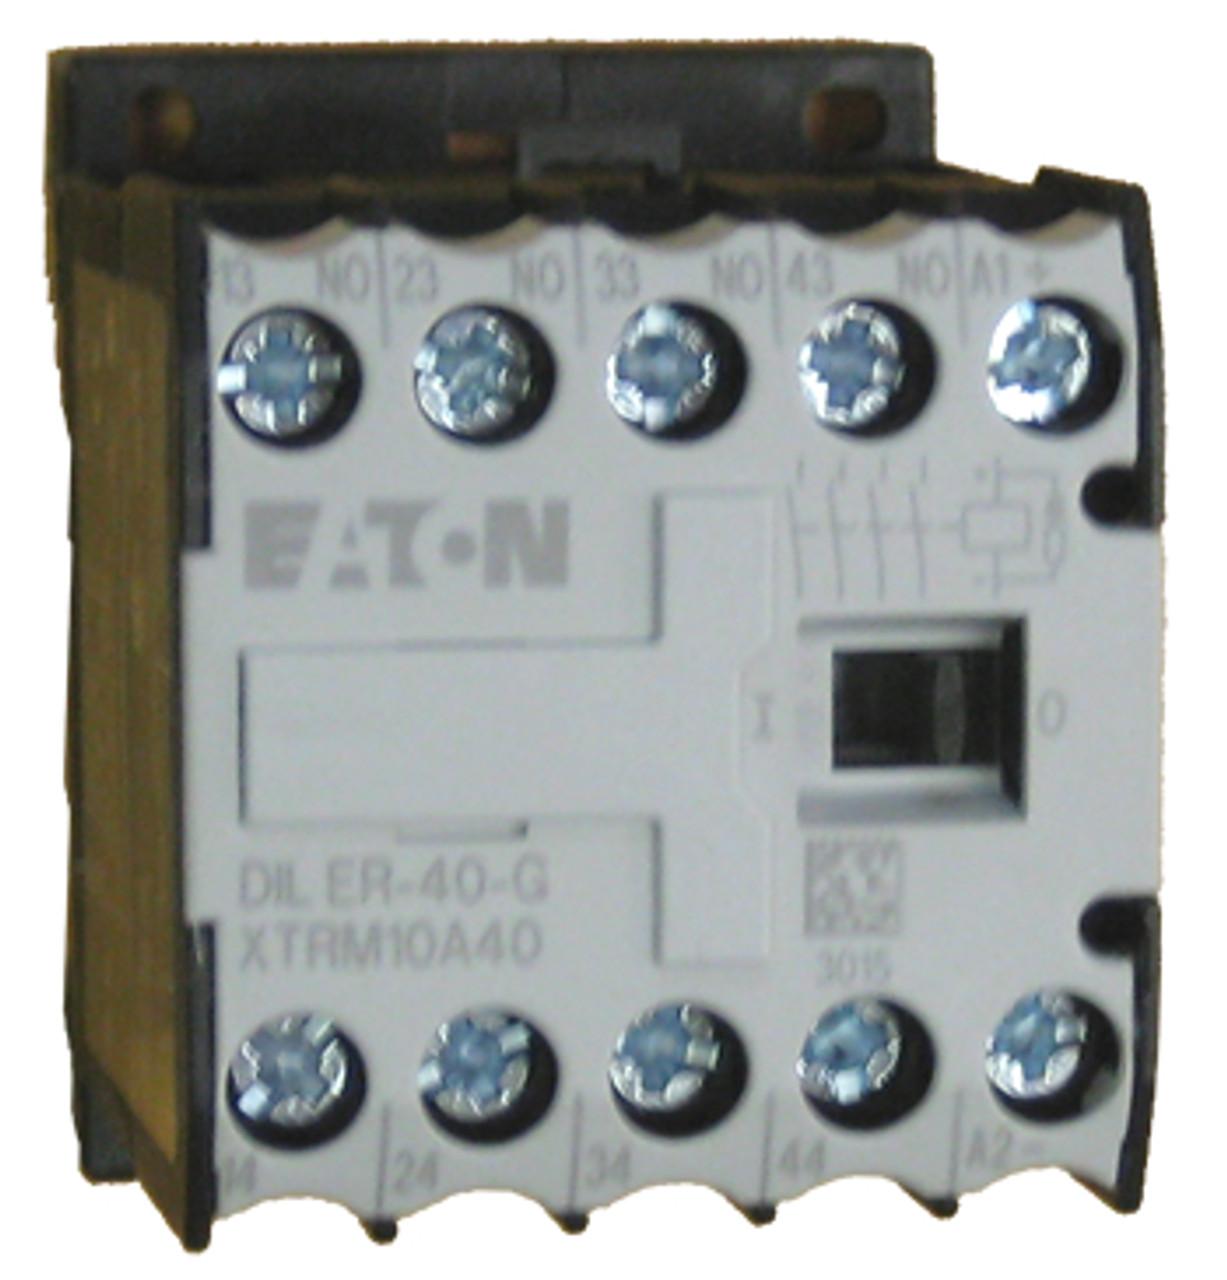 DILER-40-G (24vDC)